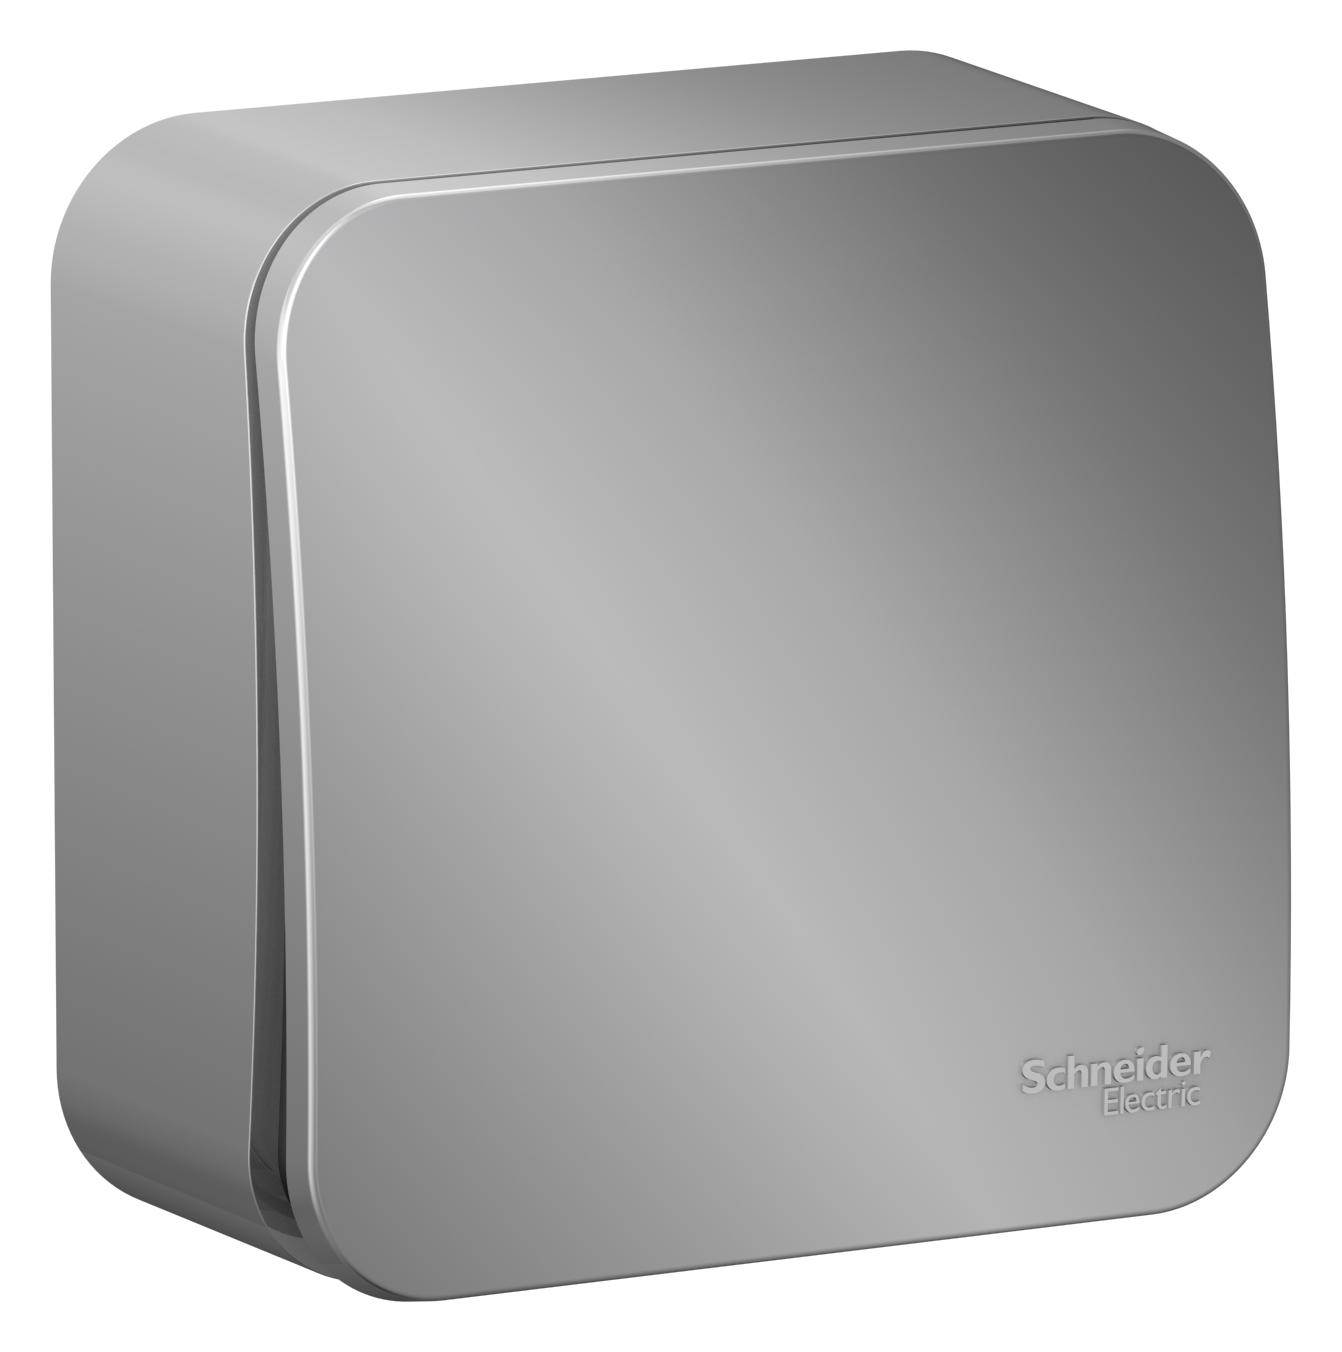 Выключатель Schneider electric Blnva101003 blanca выключатель schneider electric blnva101013 blanca